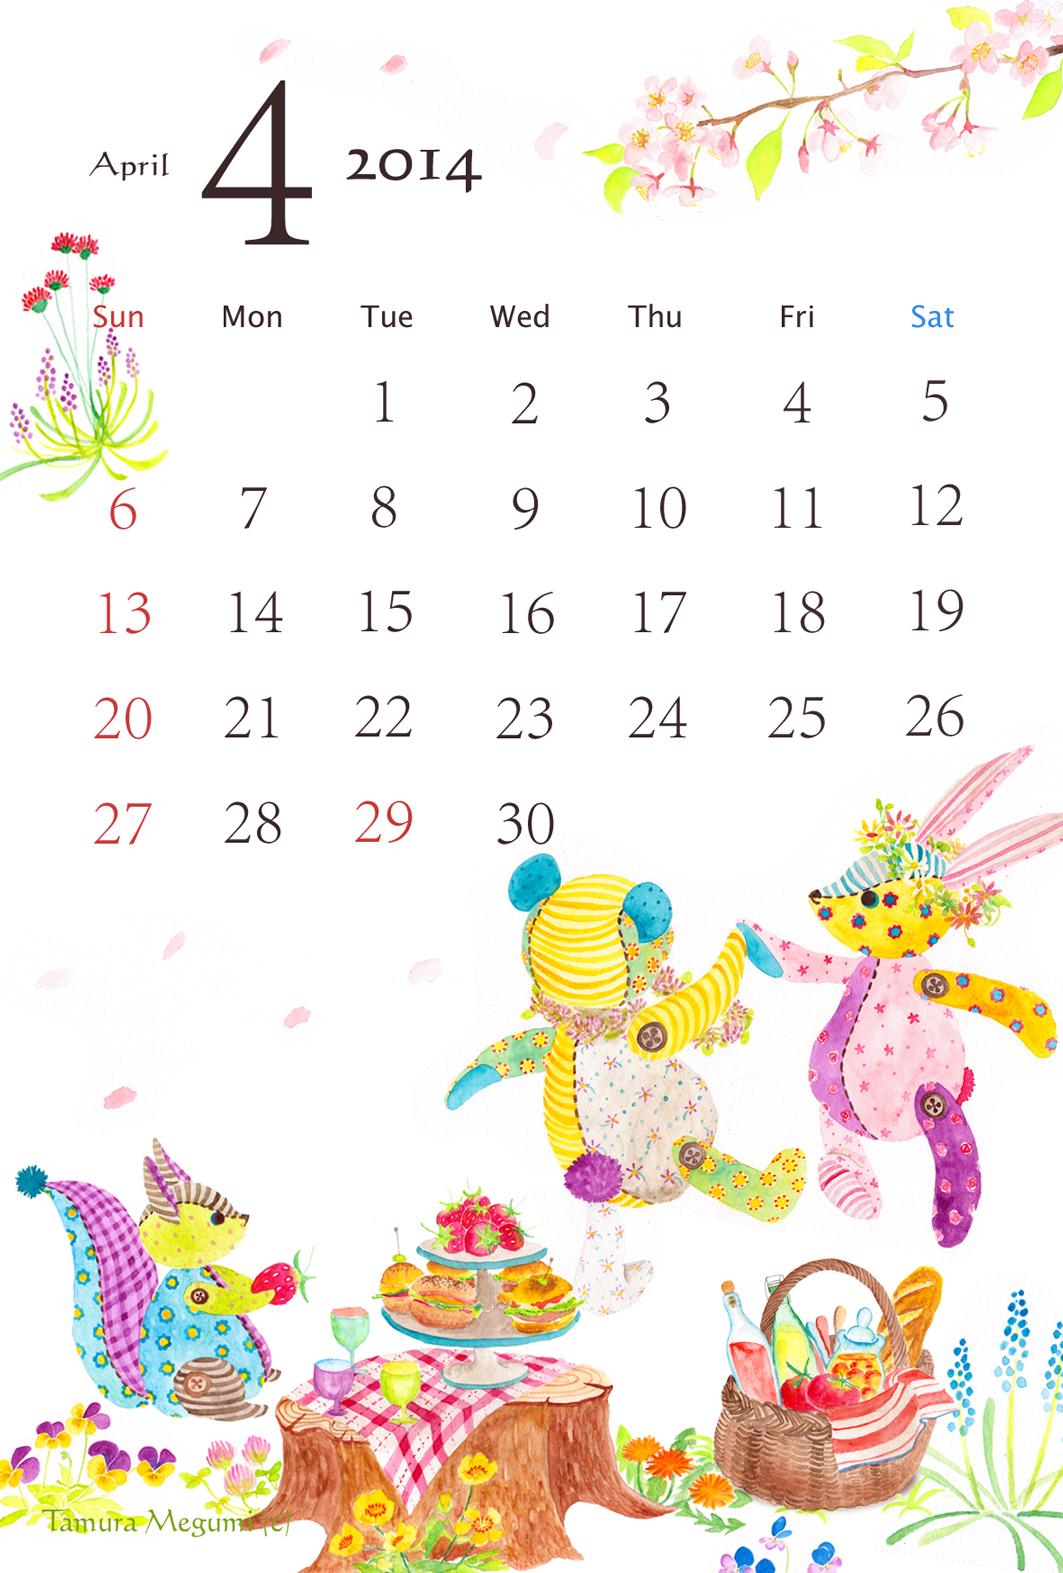 カレンダー 4月カレンダー 2014 : 2014年4月 カレンダー ハガキ ...